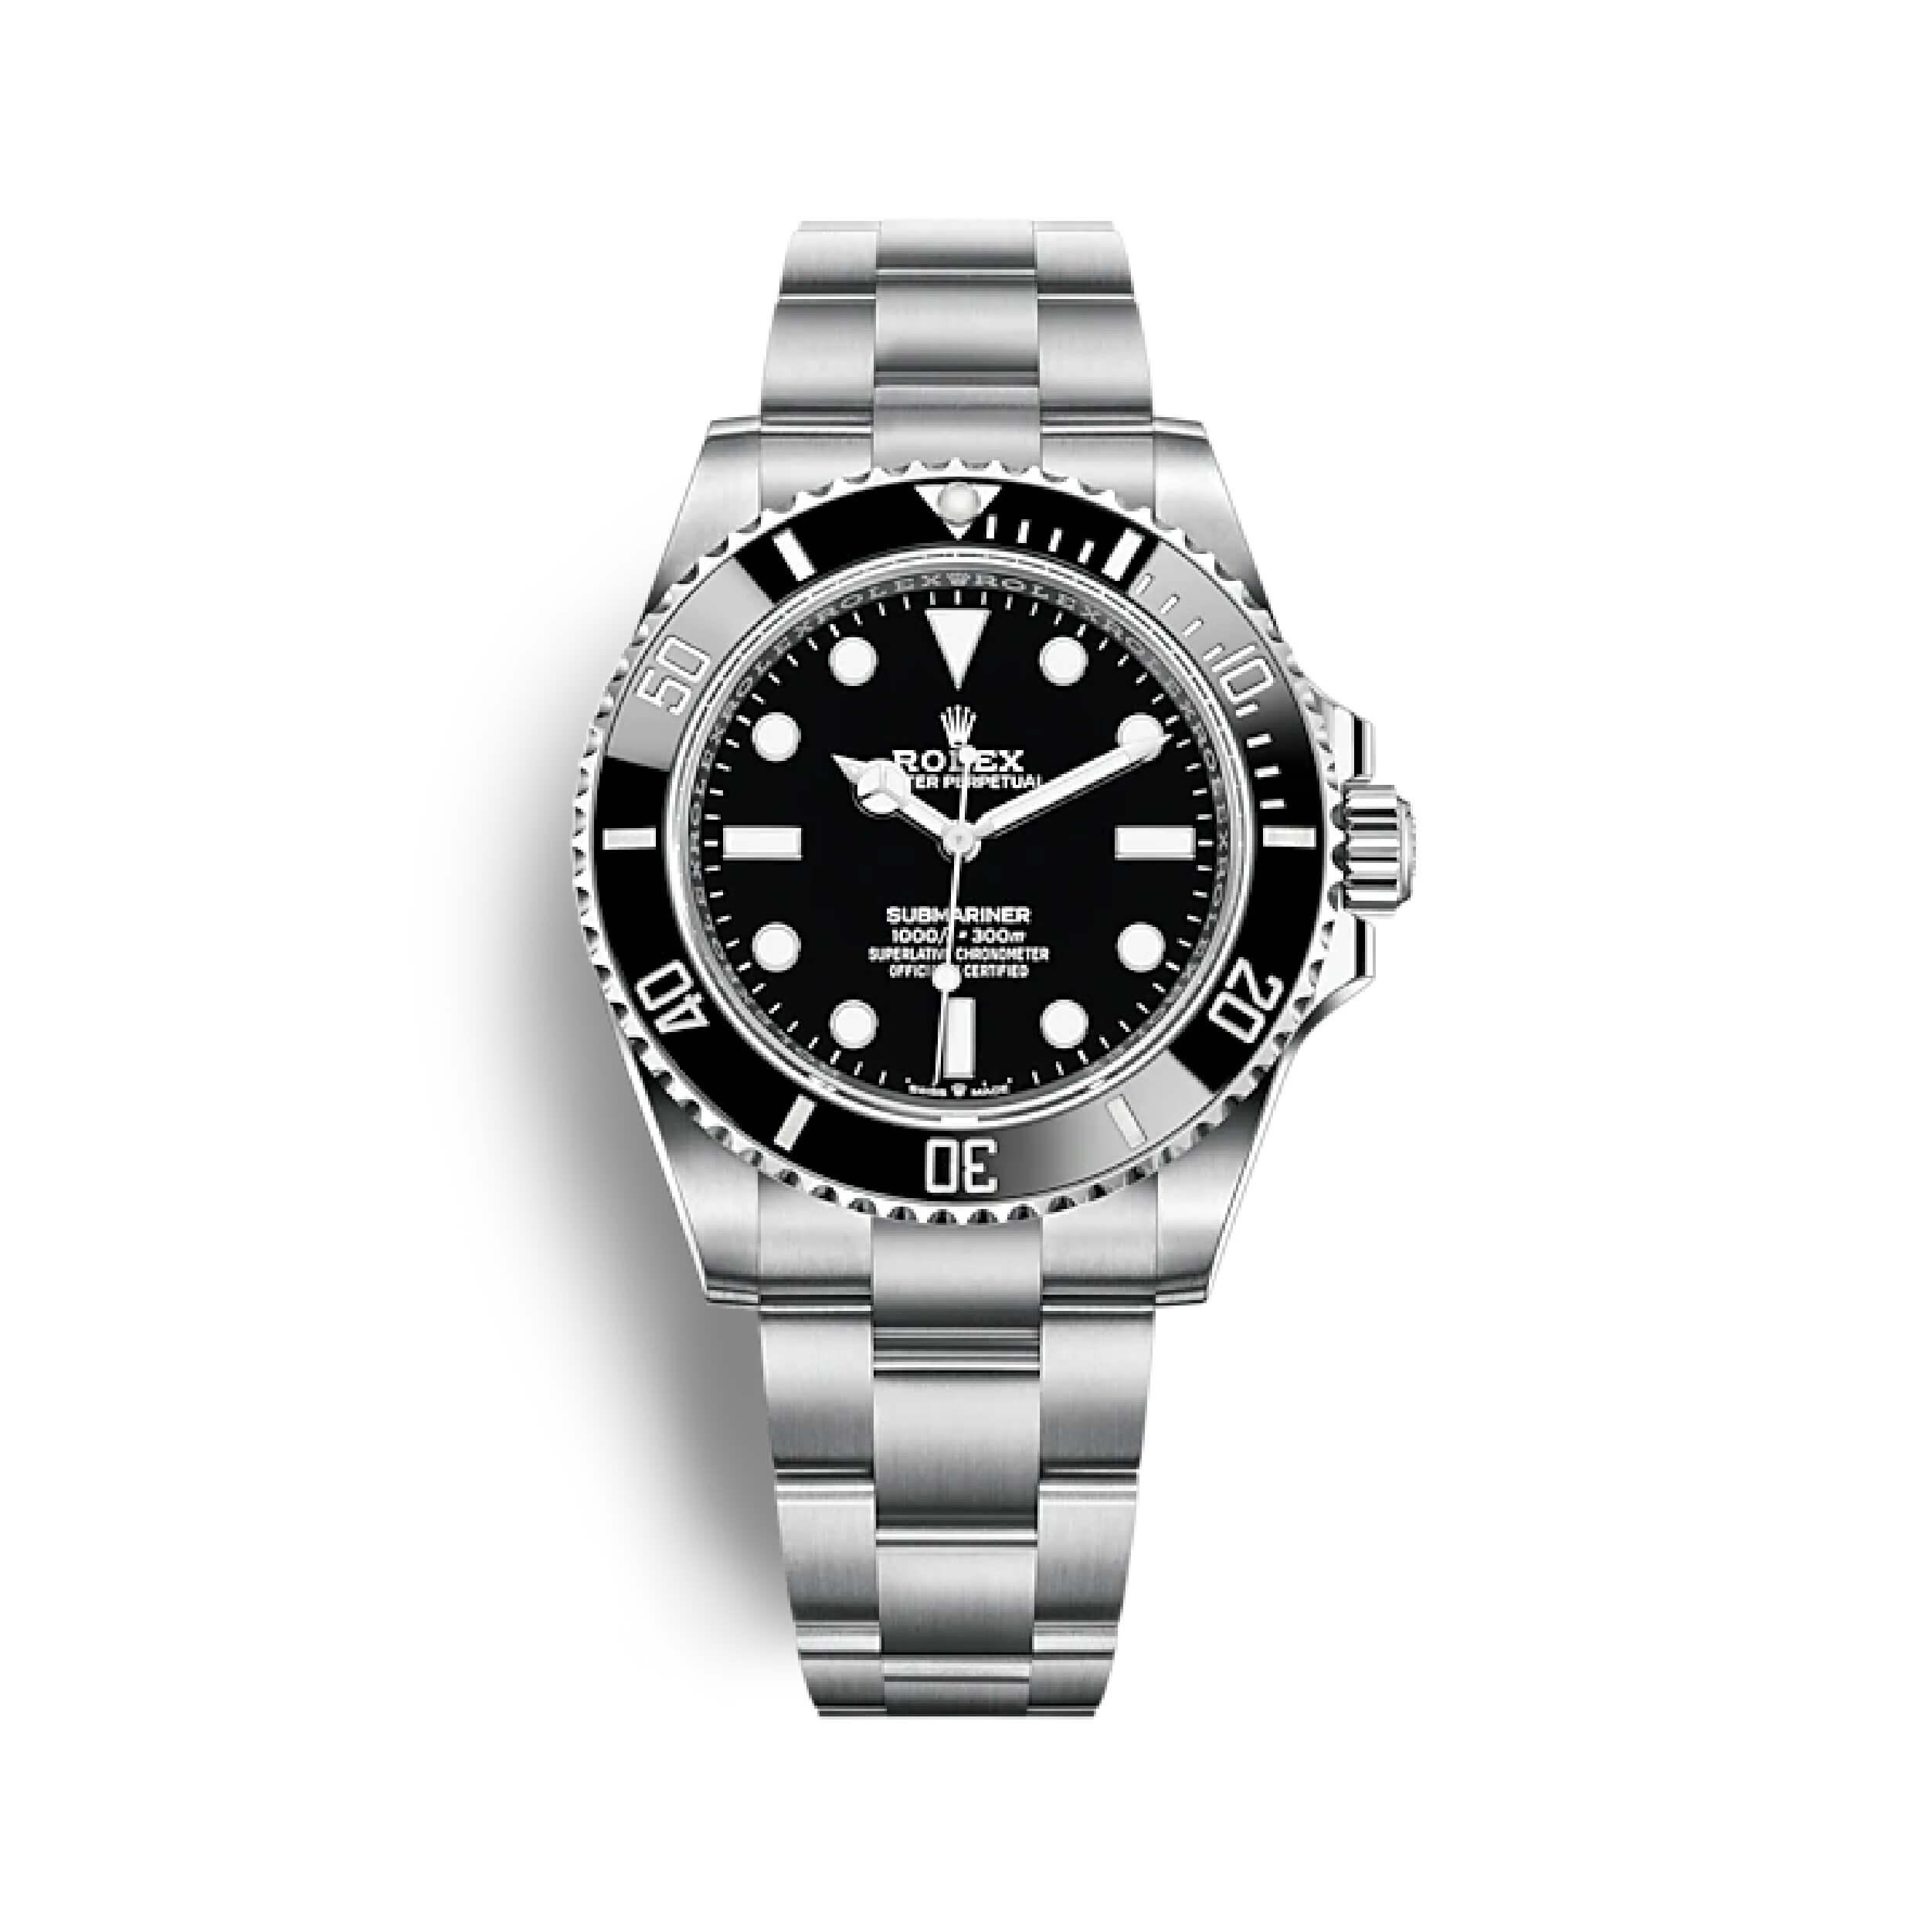 Rolex Submariner | Wristwatches360